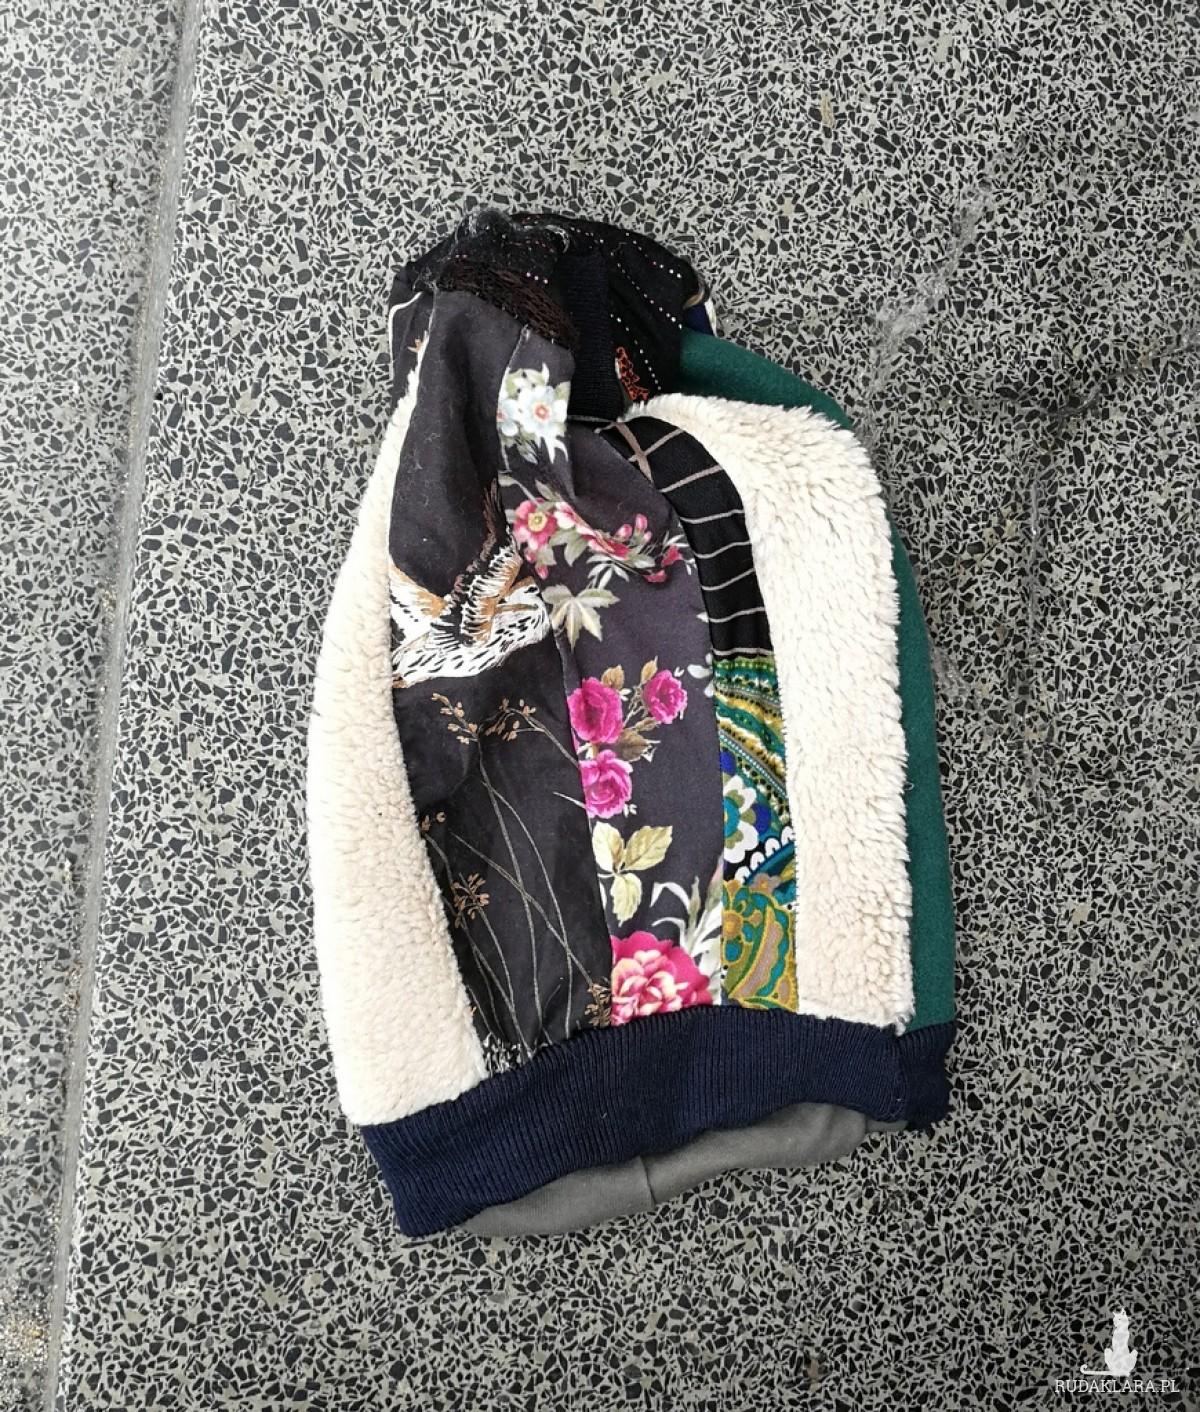 czapka turbanowa etno boho patchwork- box 44- poezja- strasznie się ciesze ze znowu dziś zgrzeszę